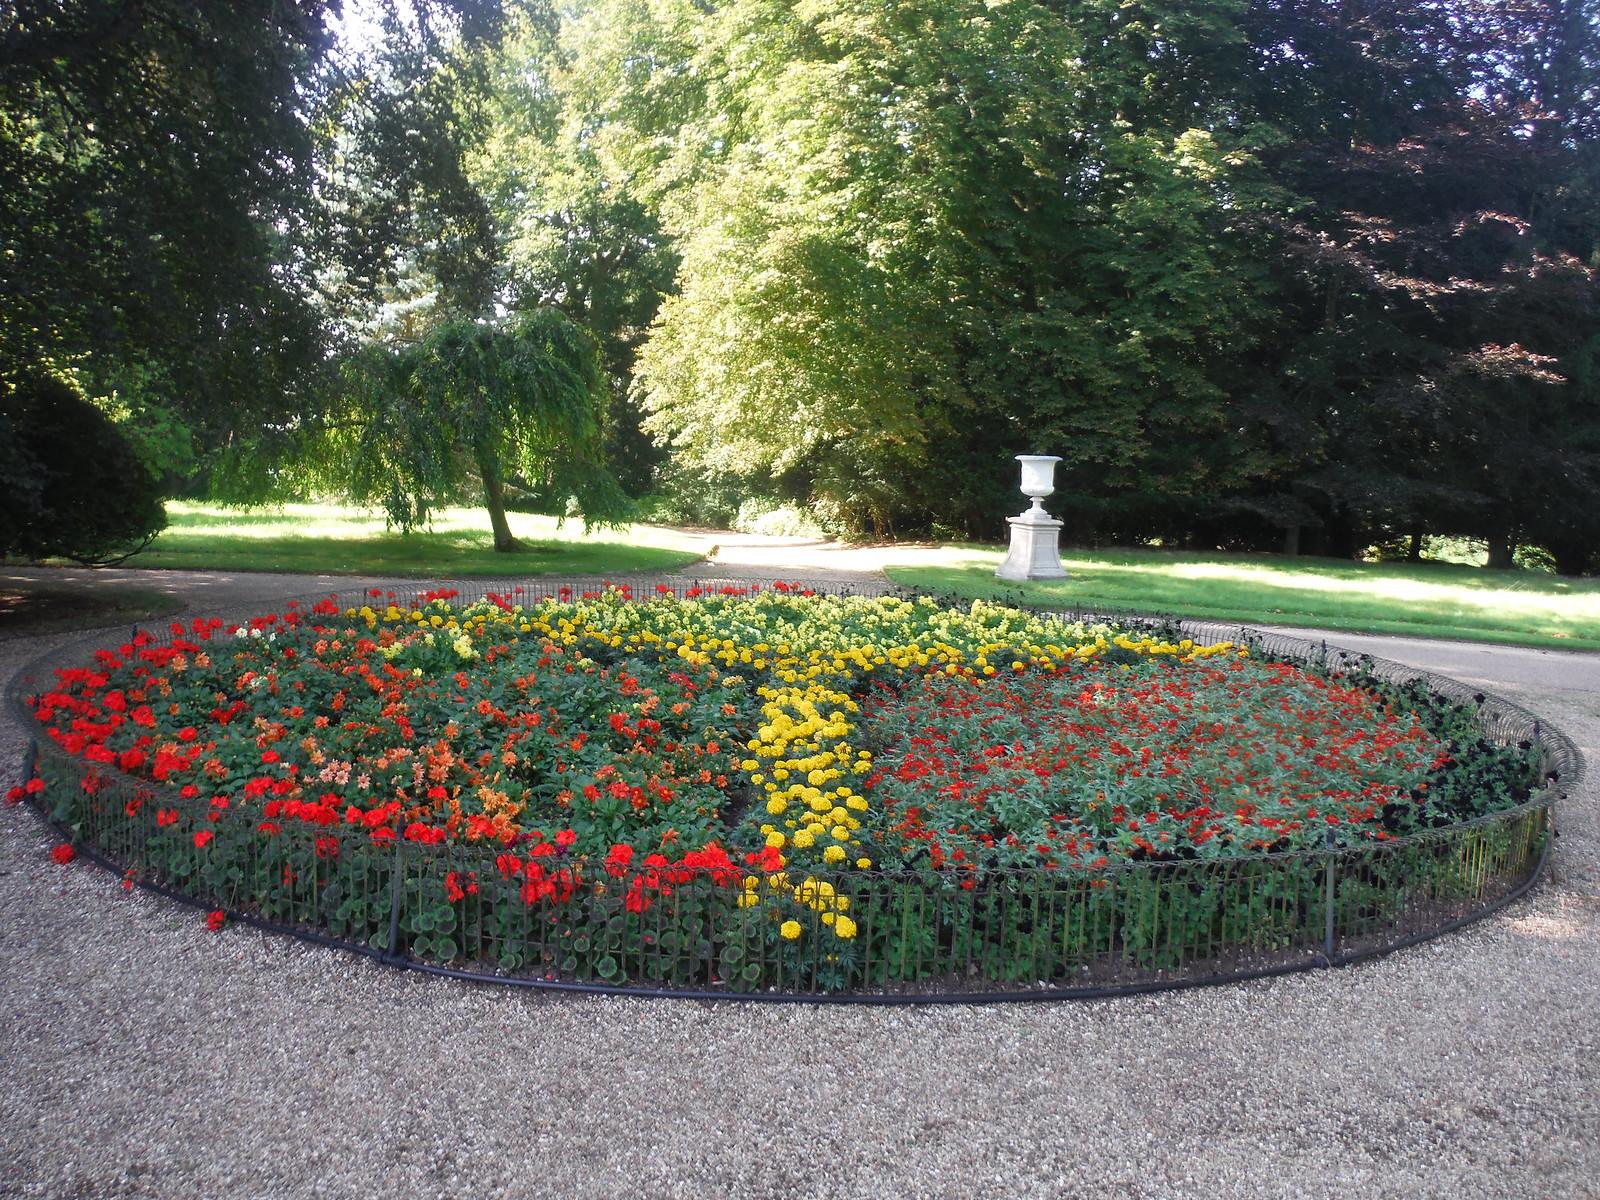 Flowerbed, Waddesdon Manor Gardens SWC 192 Haddenham to Aylesbury (via Waddesdon)